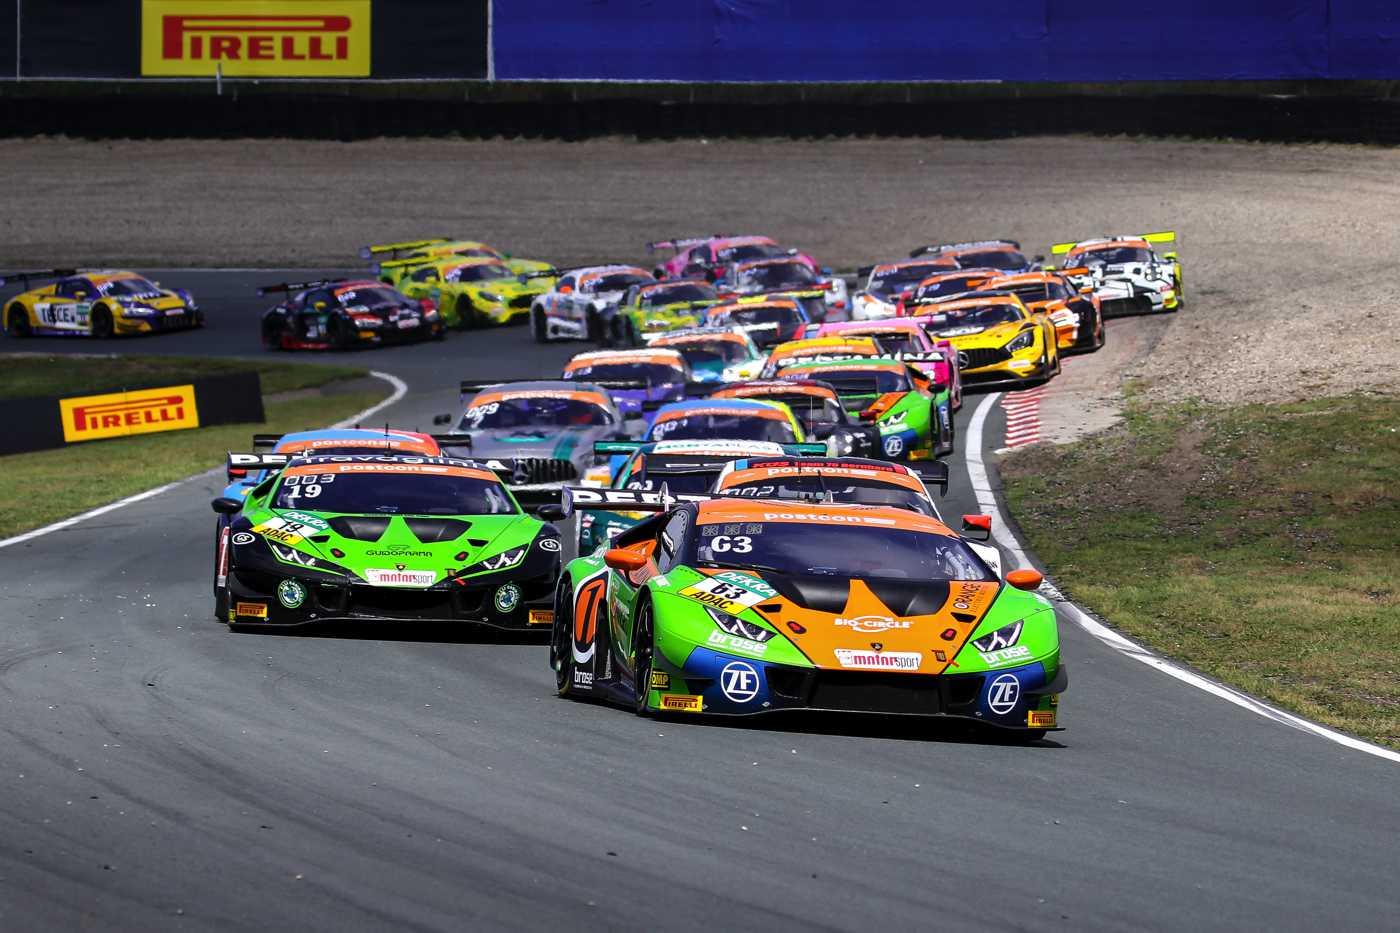 Orange1 by GRT Grasser führt in der Teamwertung